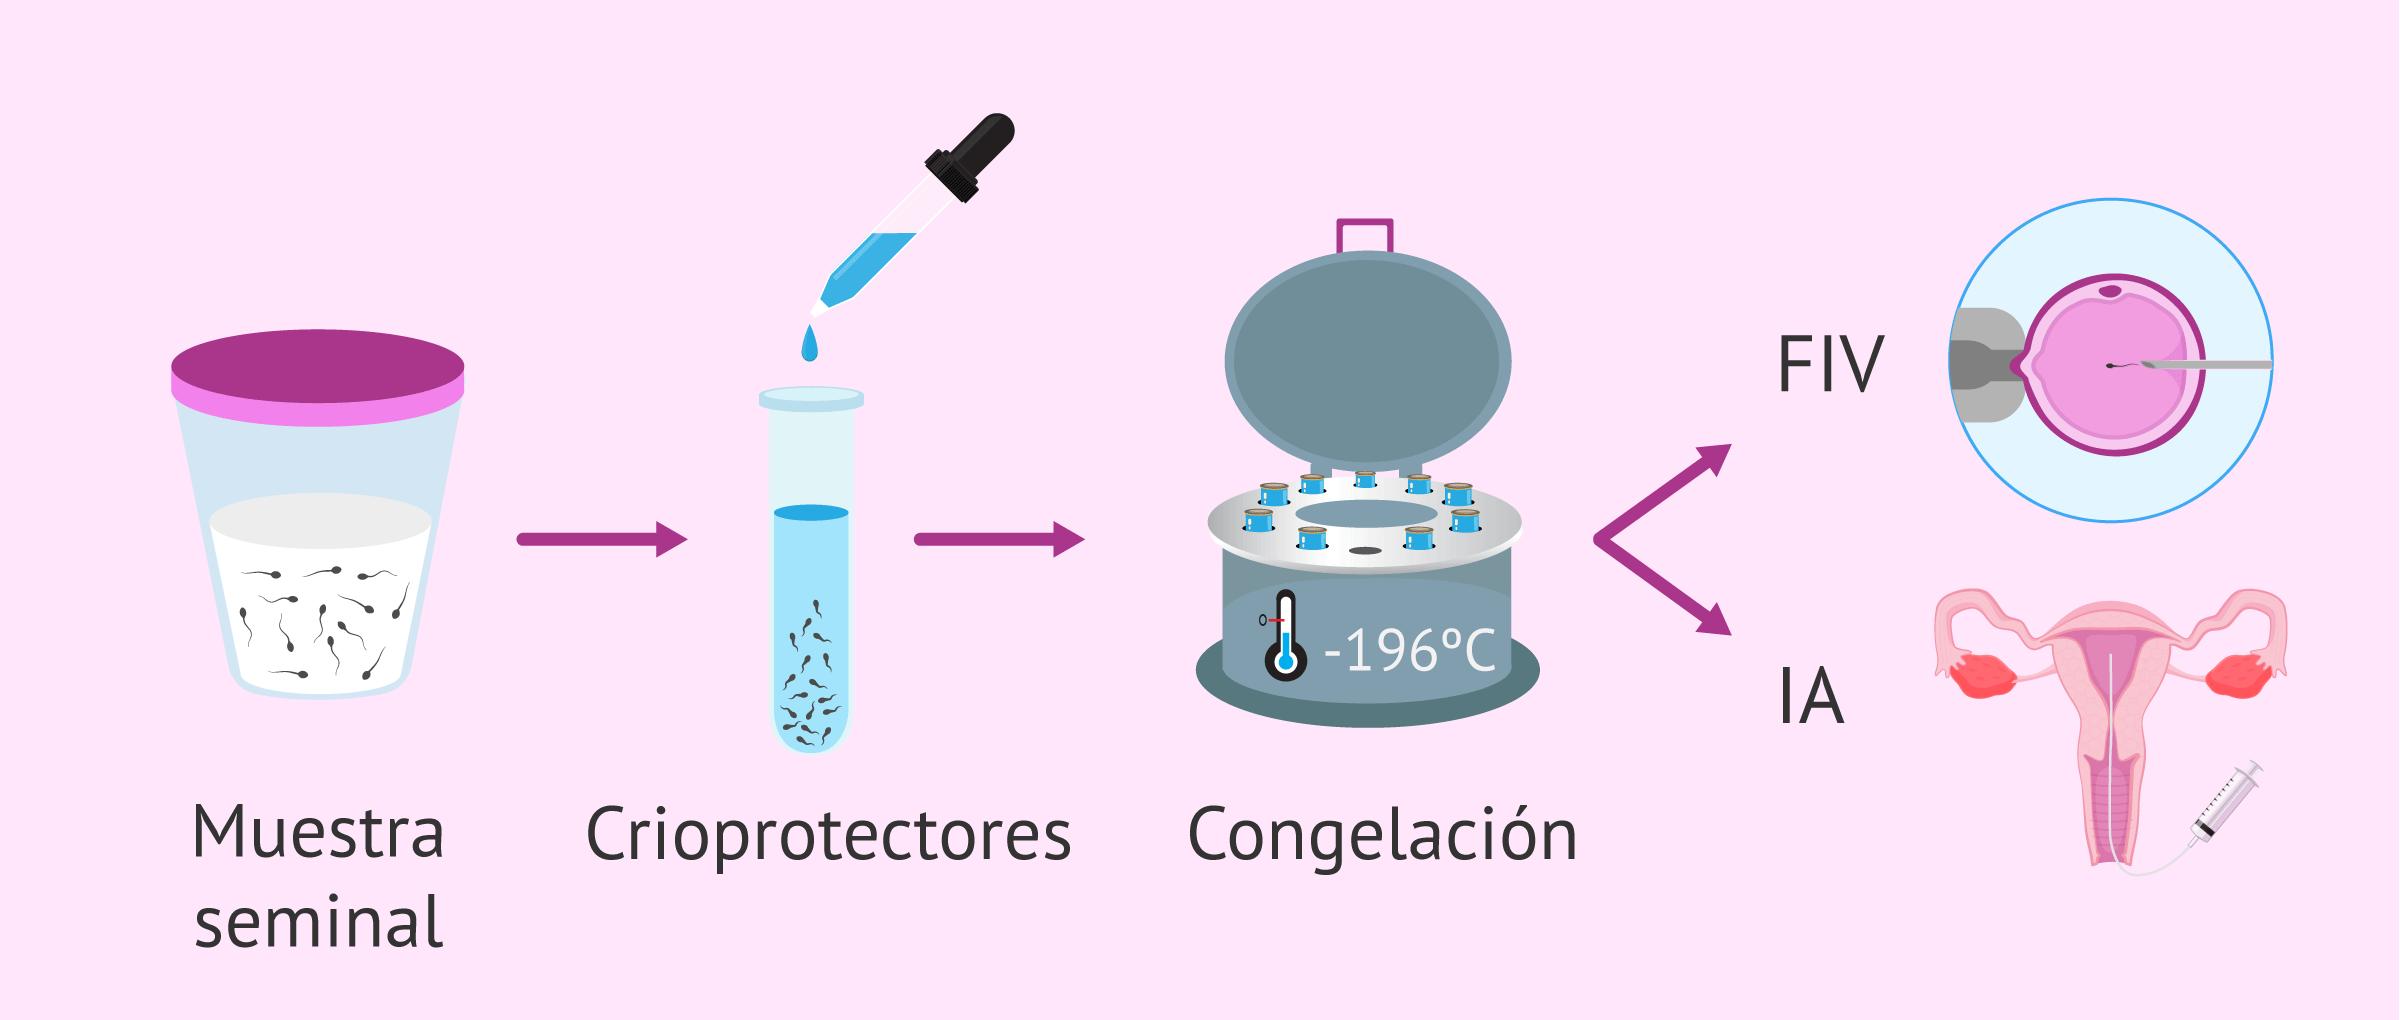 Congelación de esperma: indicaciones, proceso y resultados